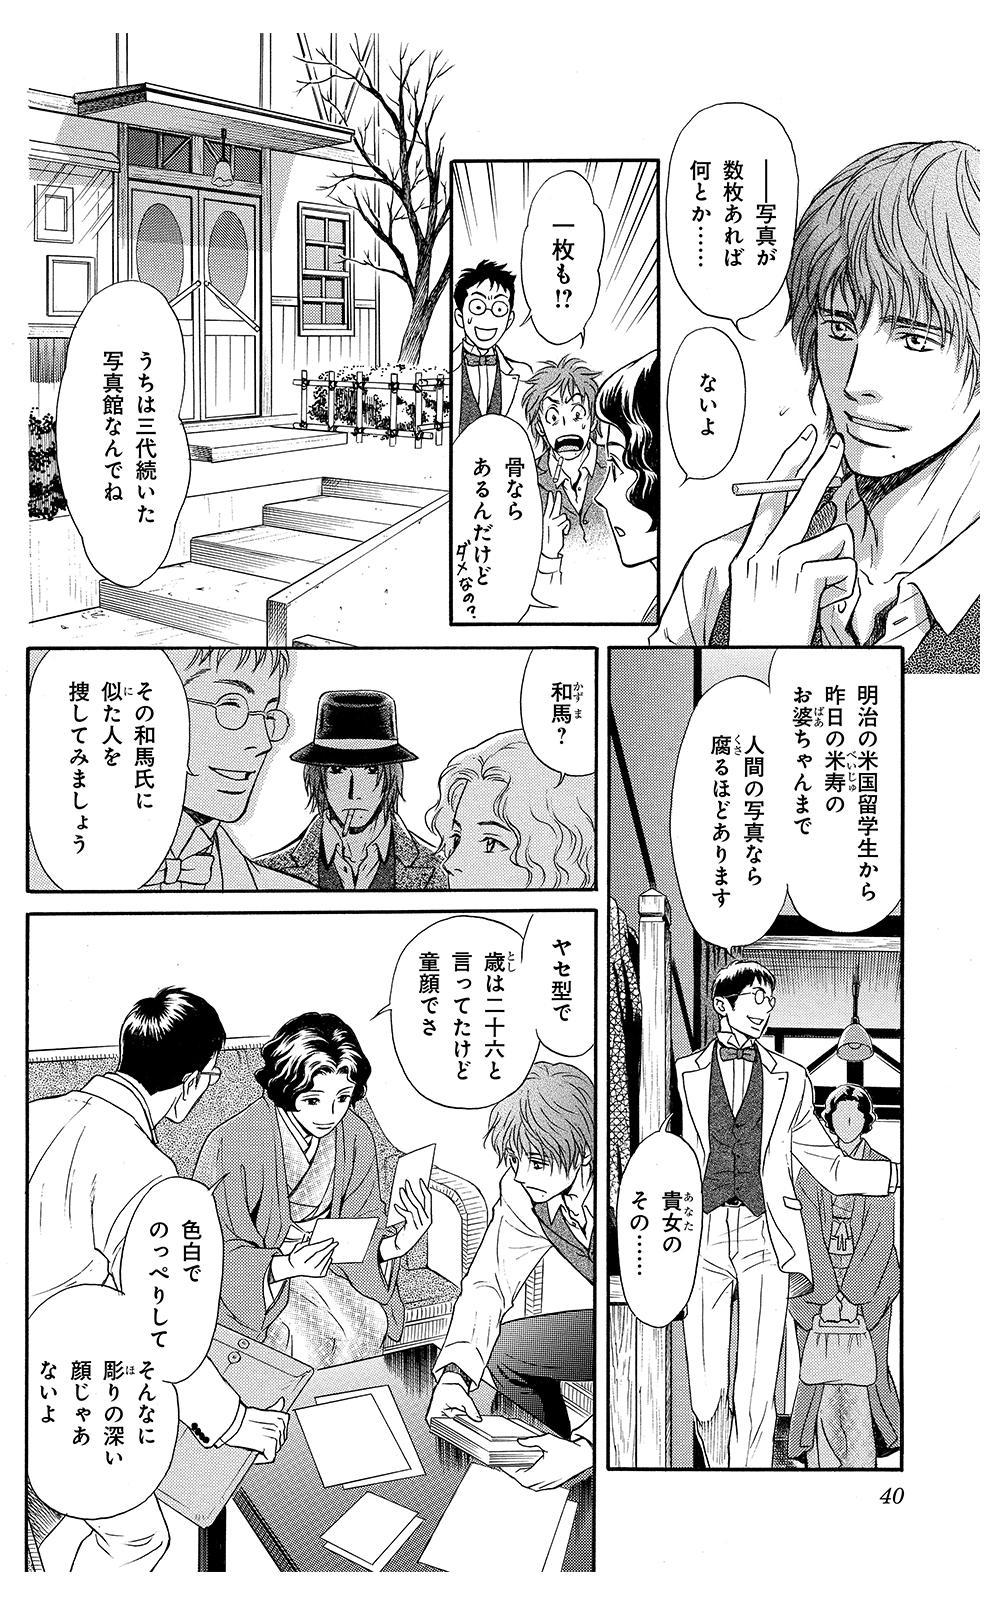 鵼の絵師 第2話「おきみやげ」①nue03-10.jpg